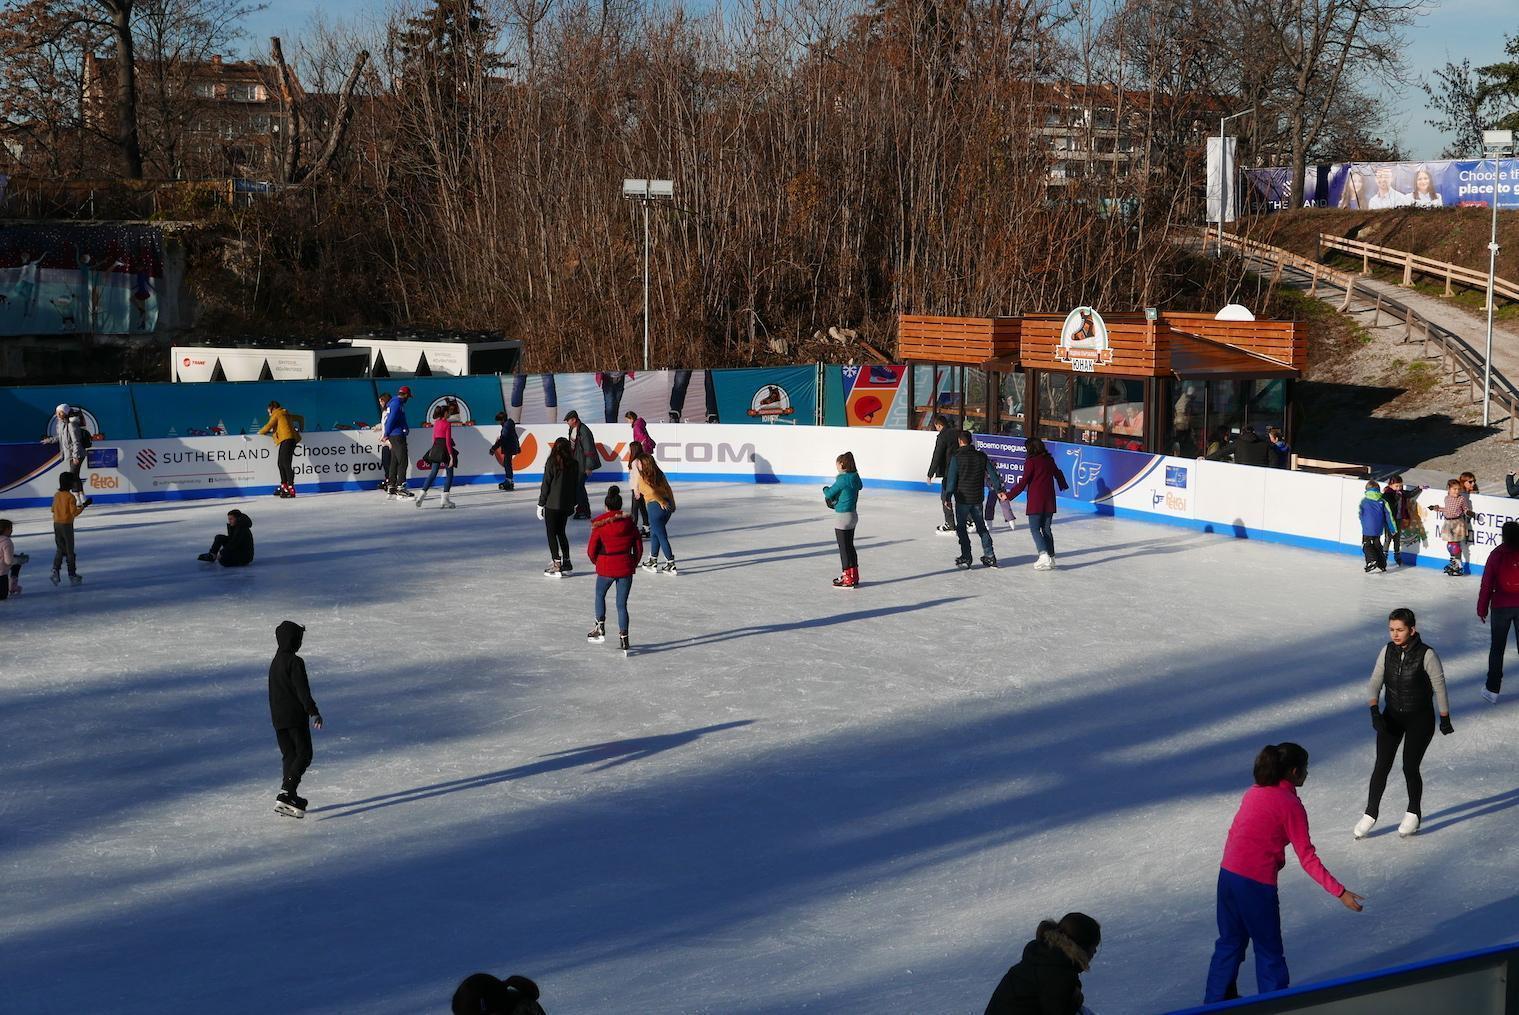 Ледената пързалка Юнак в София отвори врати при строги противоепидемични ме